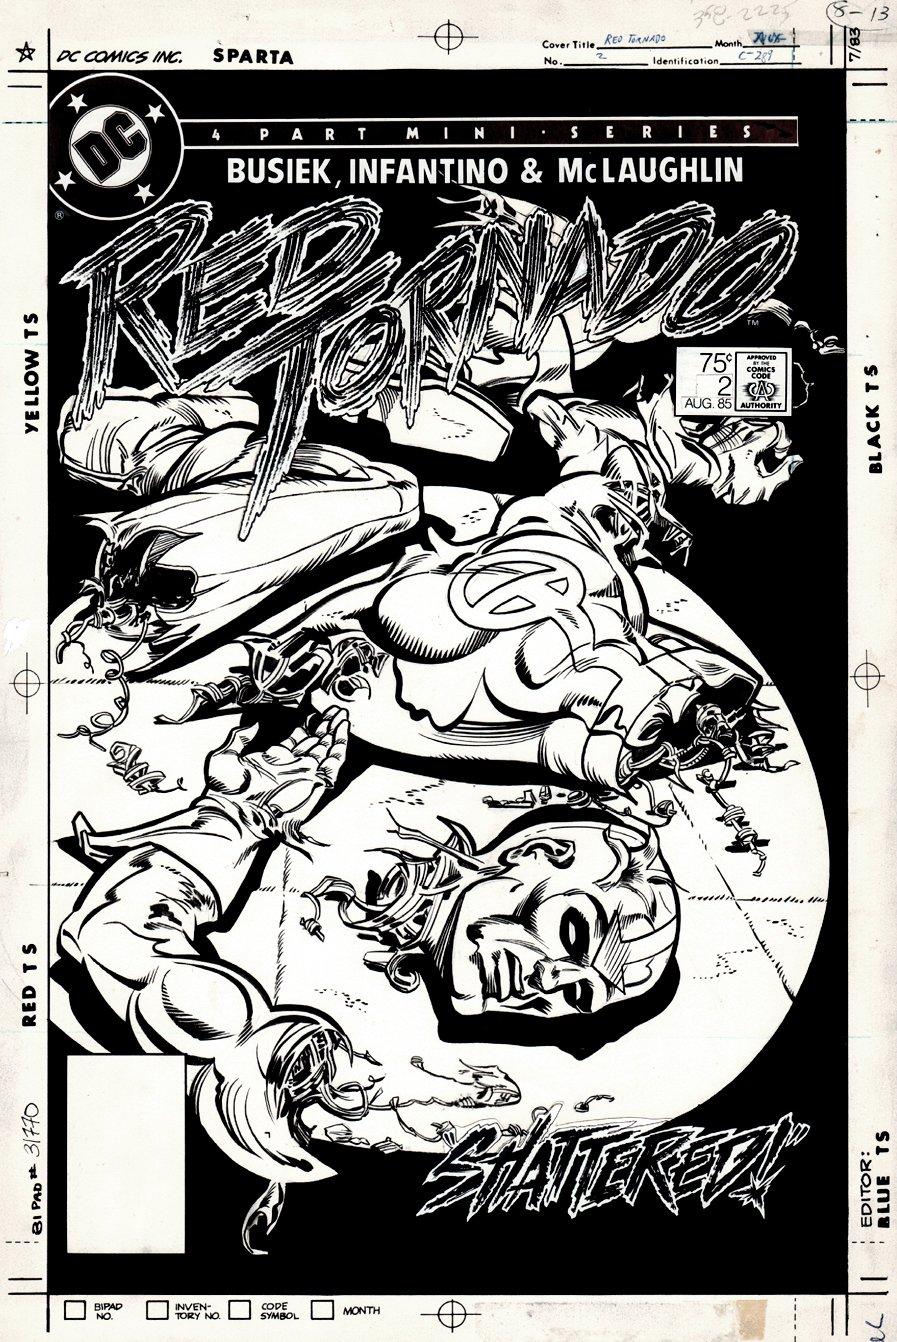 Red Tornado #2 Cover (1985)